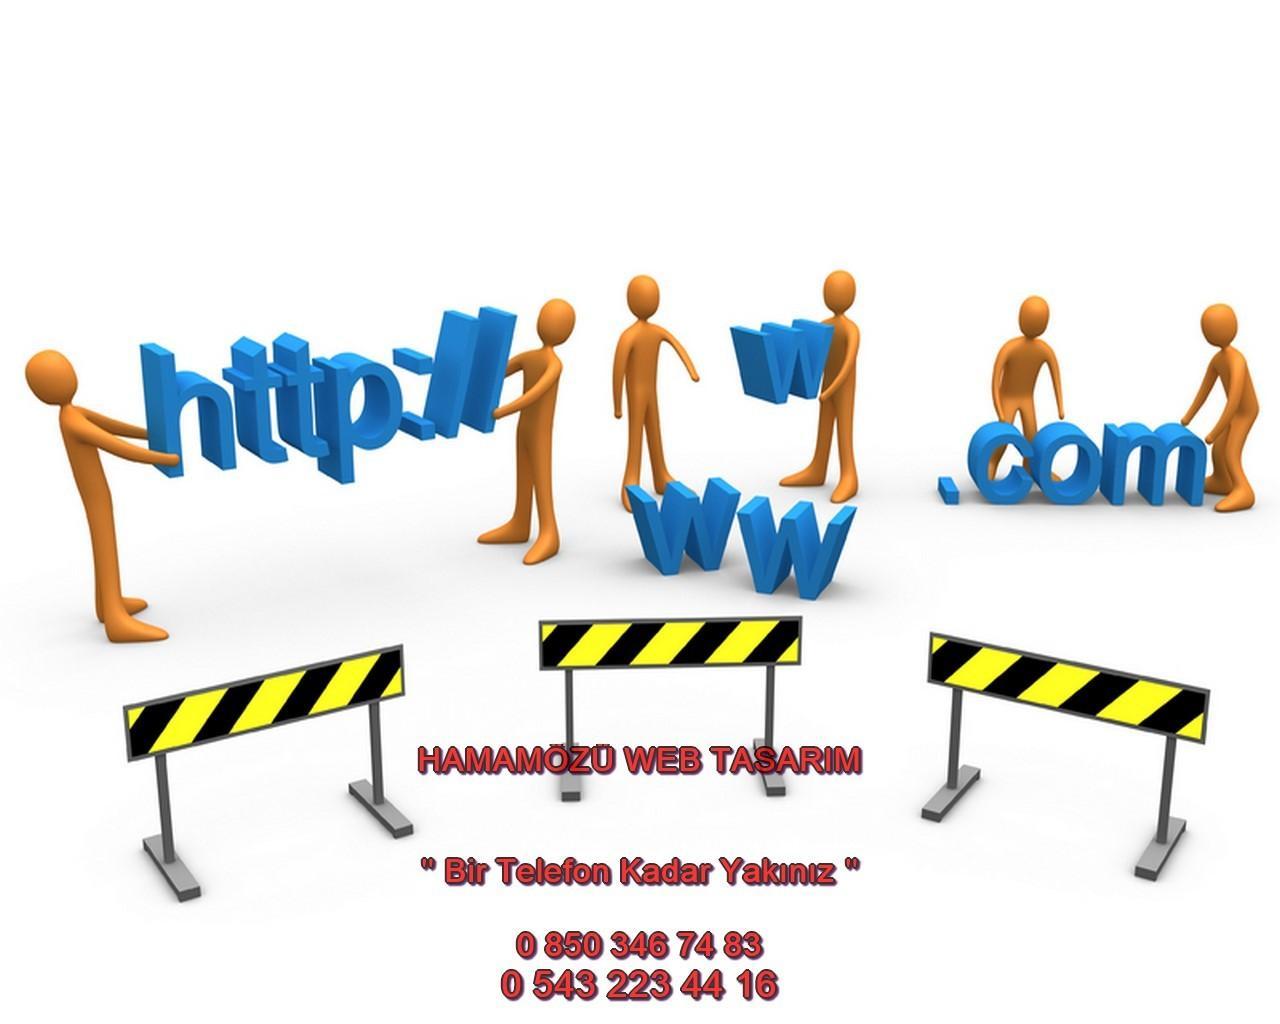 Hamamözü Web Tasarım